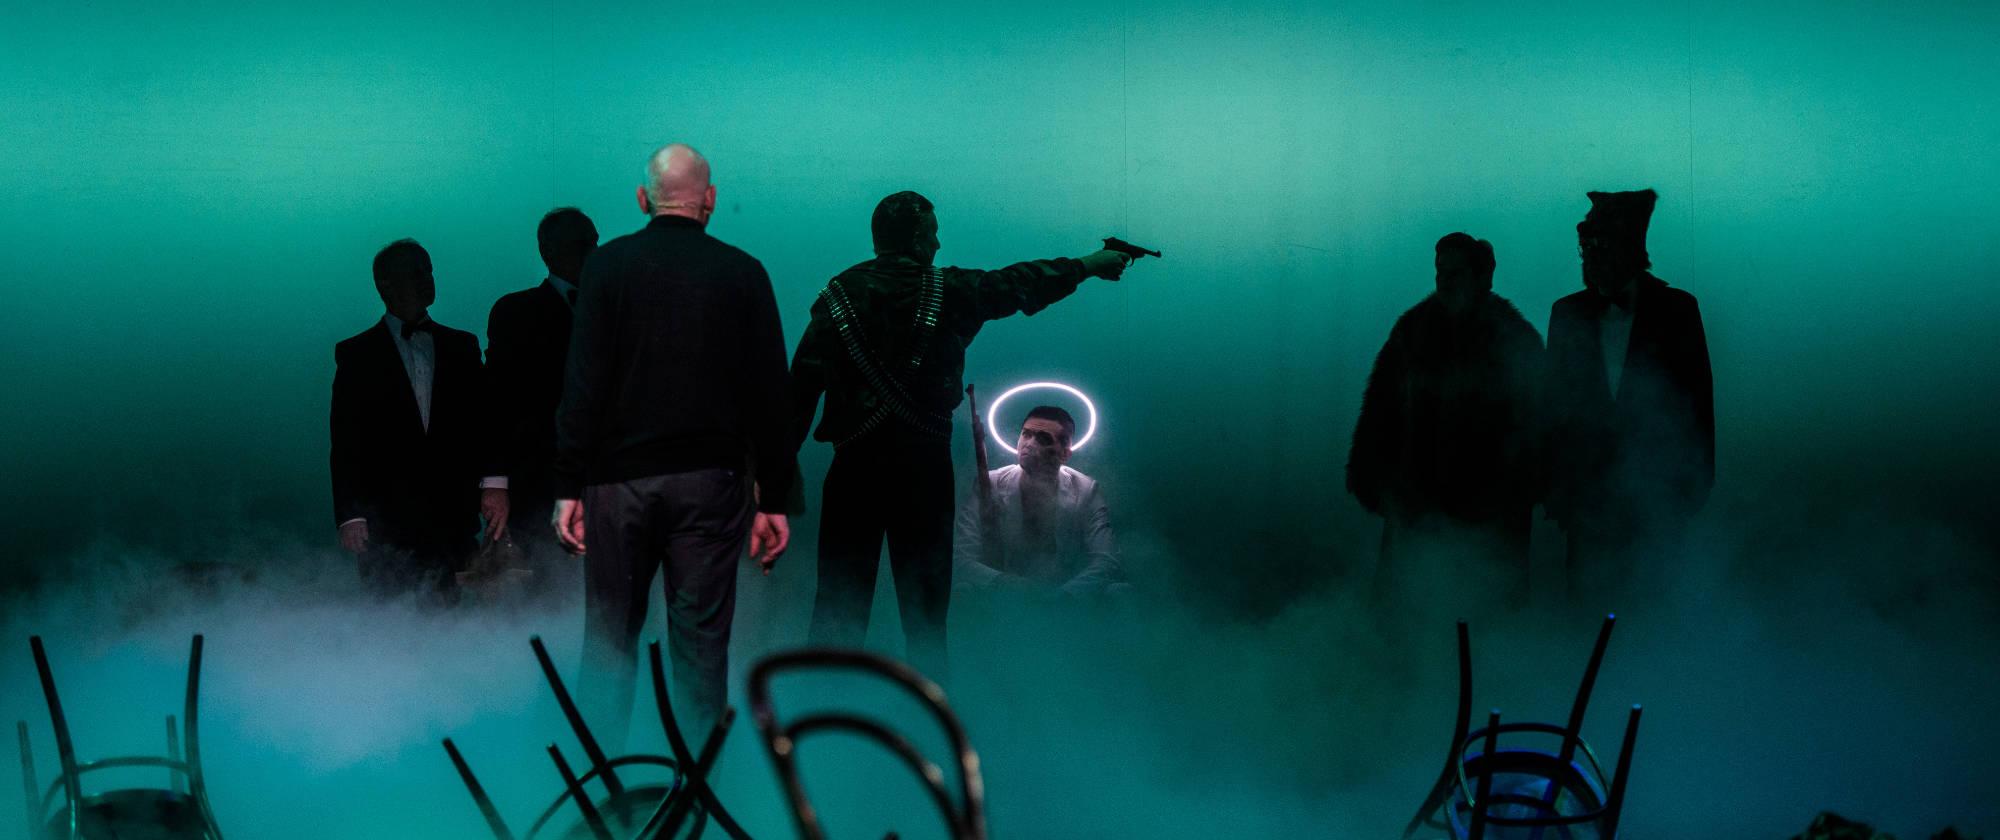 17.01.19, Heilbronn: Hauptprobe 2 zum Schauspiel »Steppenwolf« nach Hermann Hesse. Foto: Candy Welz